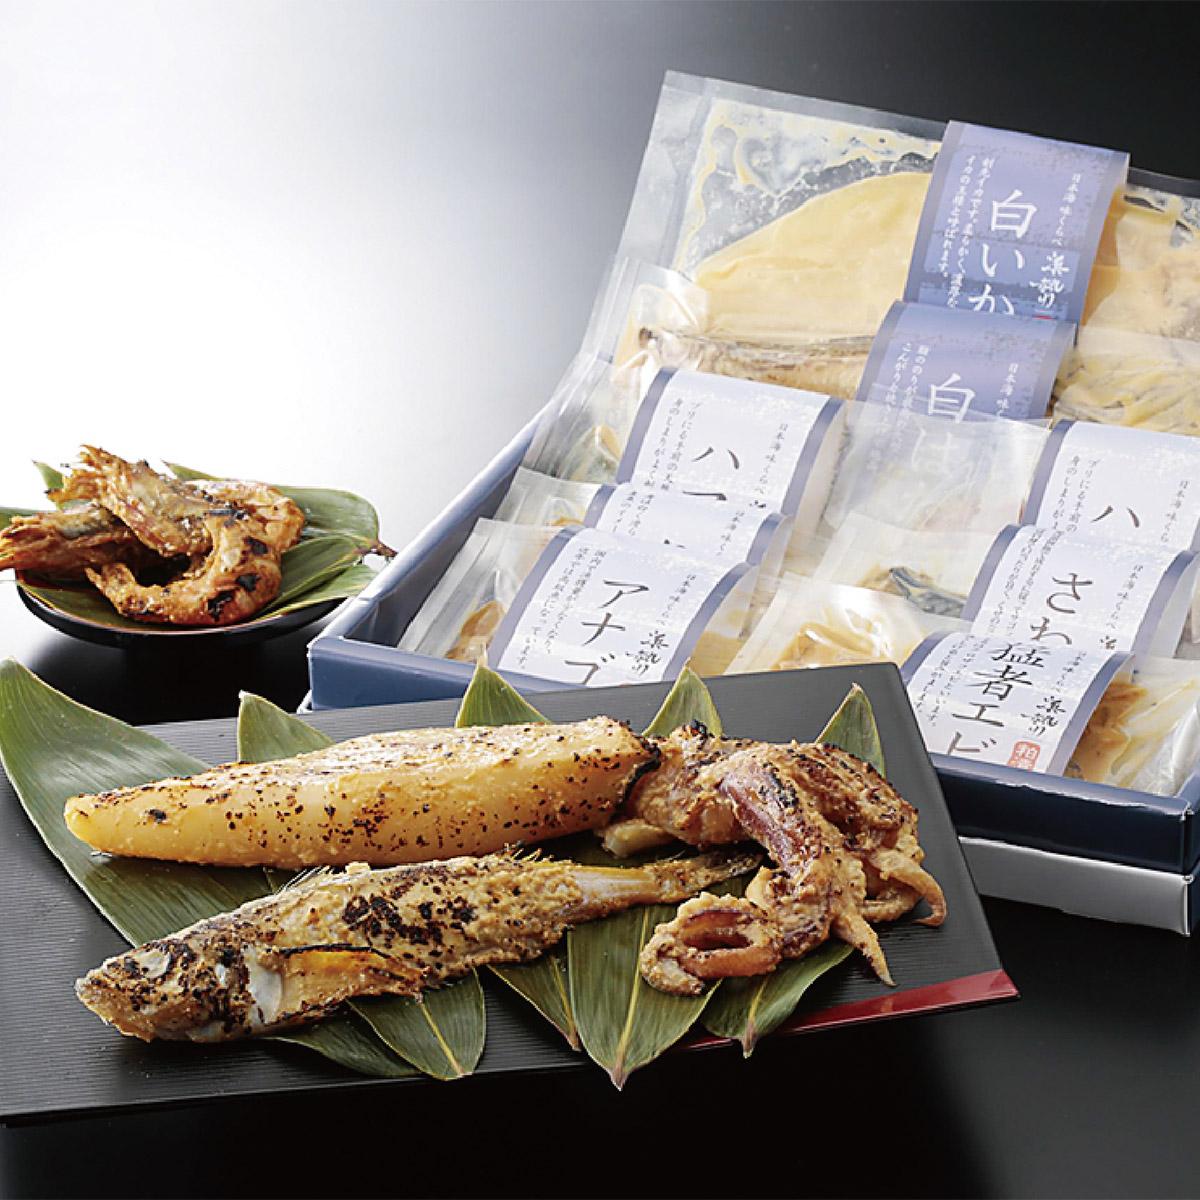 【ふるさと納税】【浜勢(はませい)】魚介の粕漬 7種類8品目セット